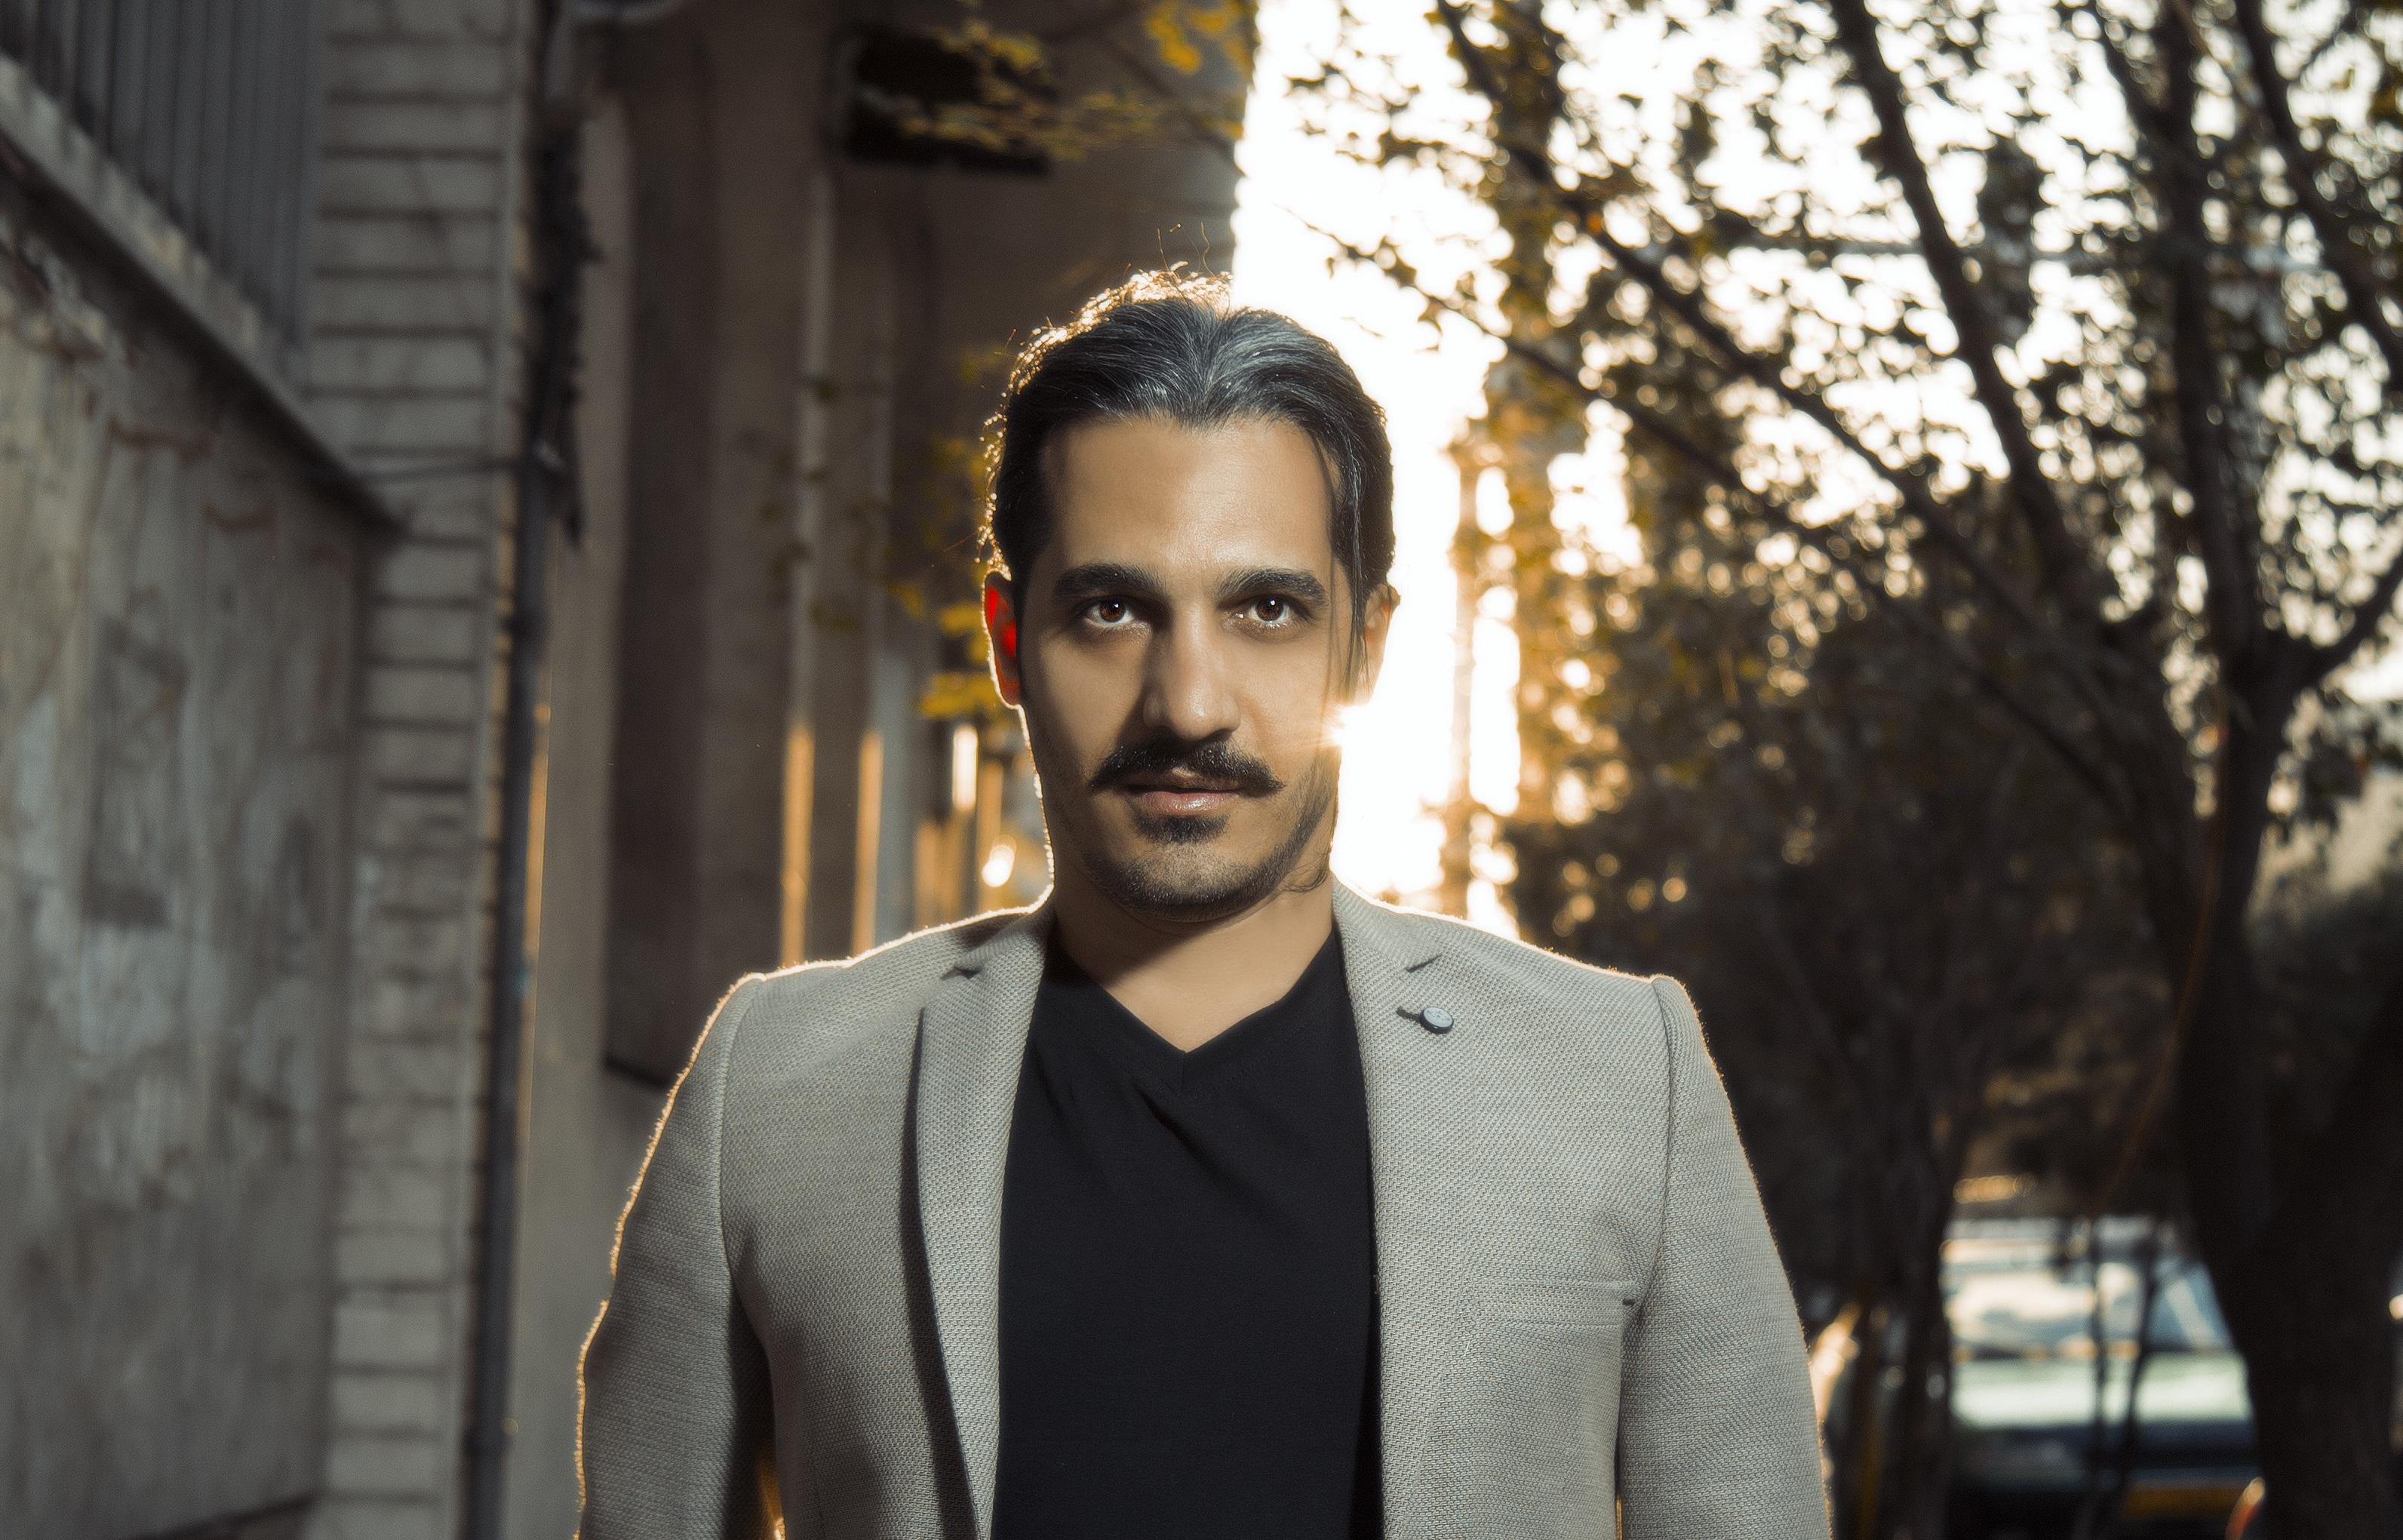 دانلود آرسین رهان مصاحبه با آرسین رهان خواننده با سابقه موسیقی پاپ